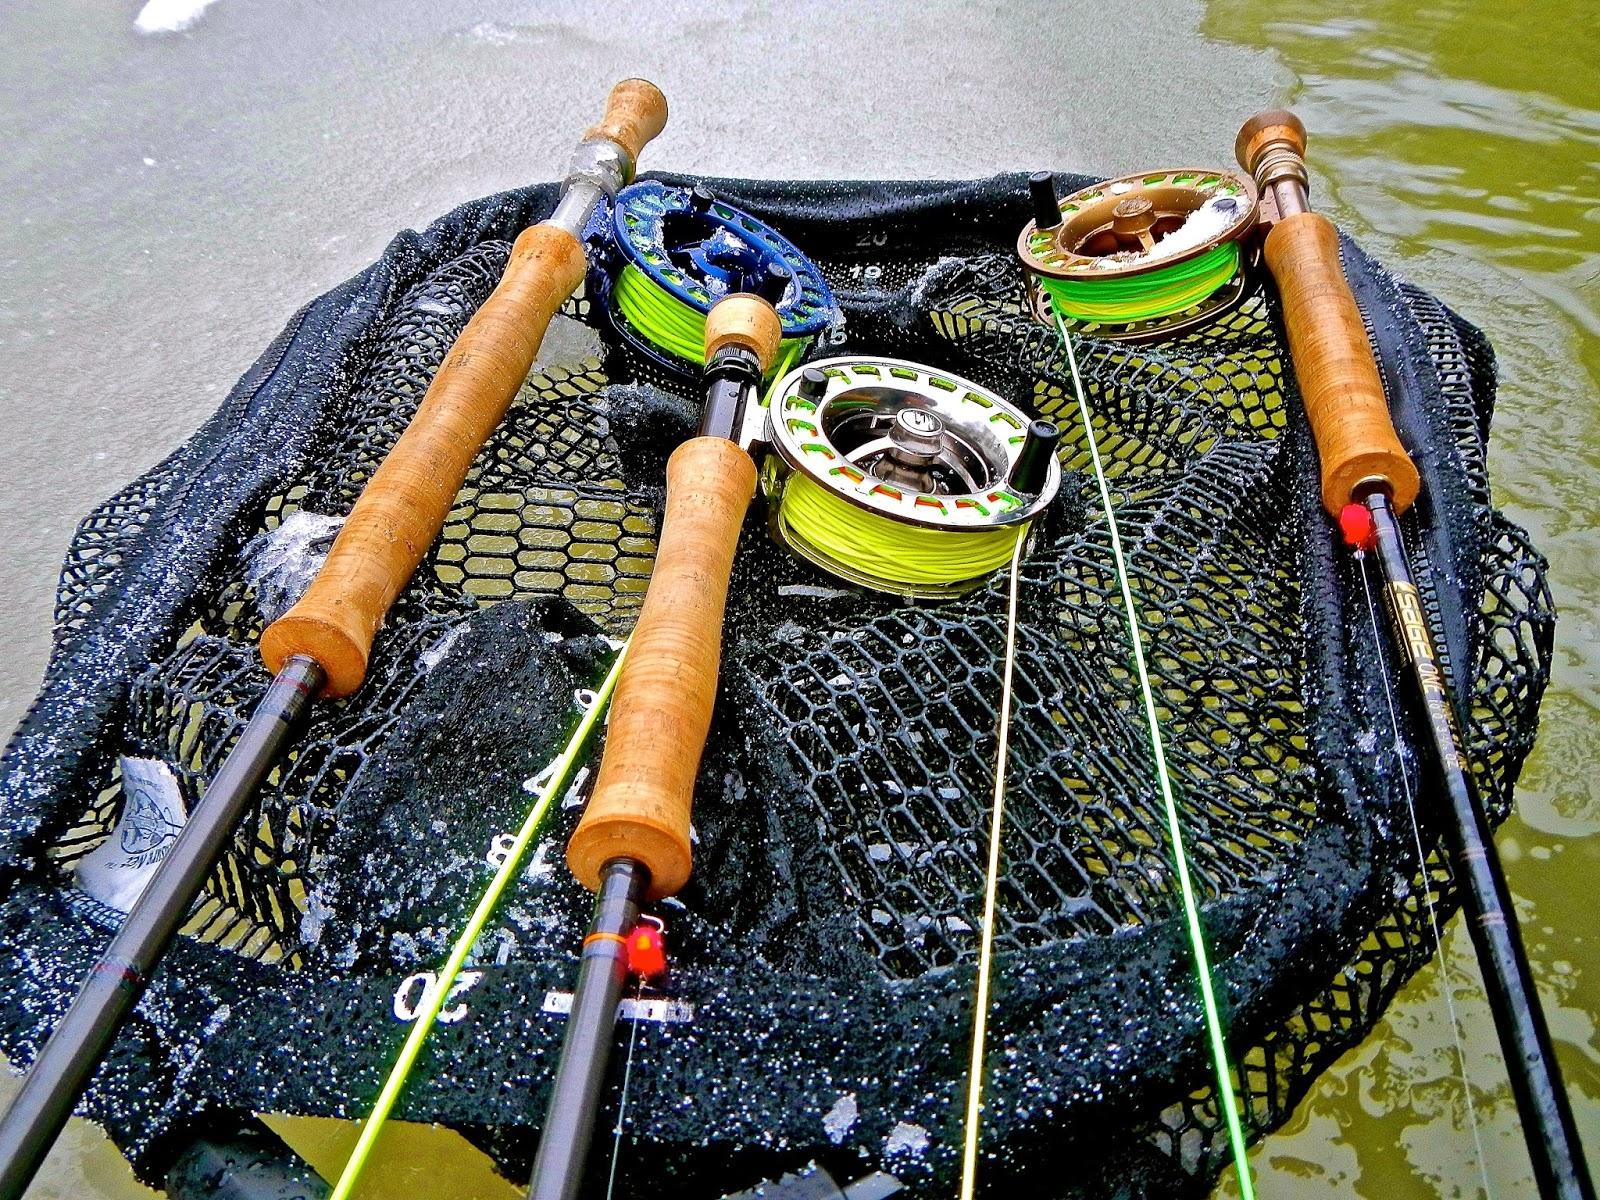 D h lake erie steelhead fishing report 12 27 13 for Steelhead fishing report erie pa